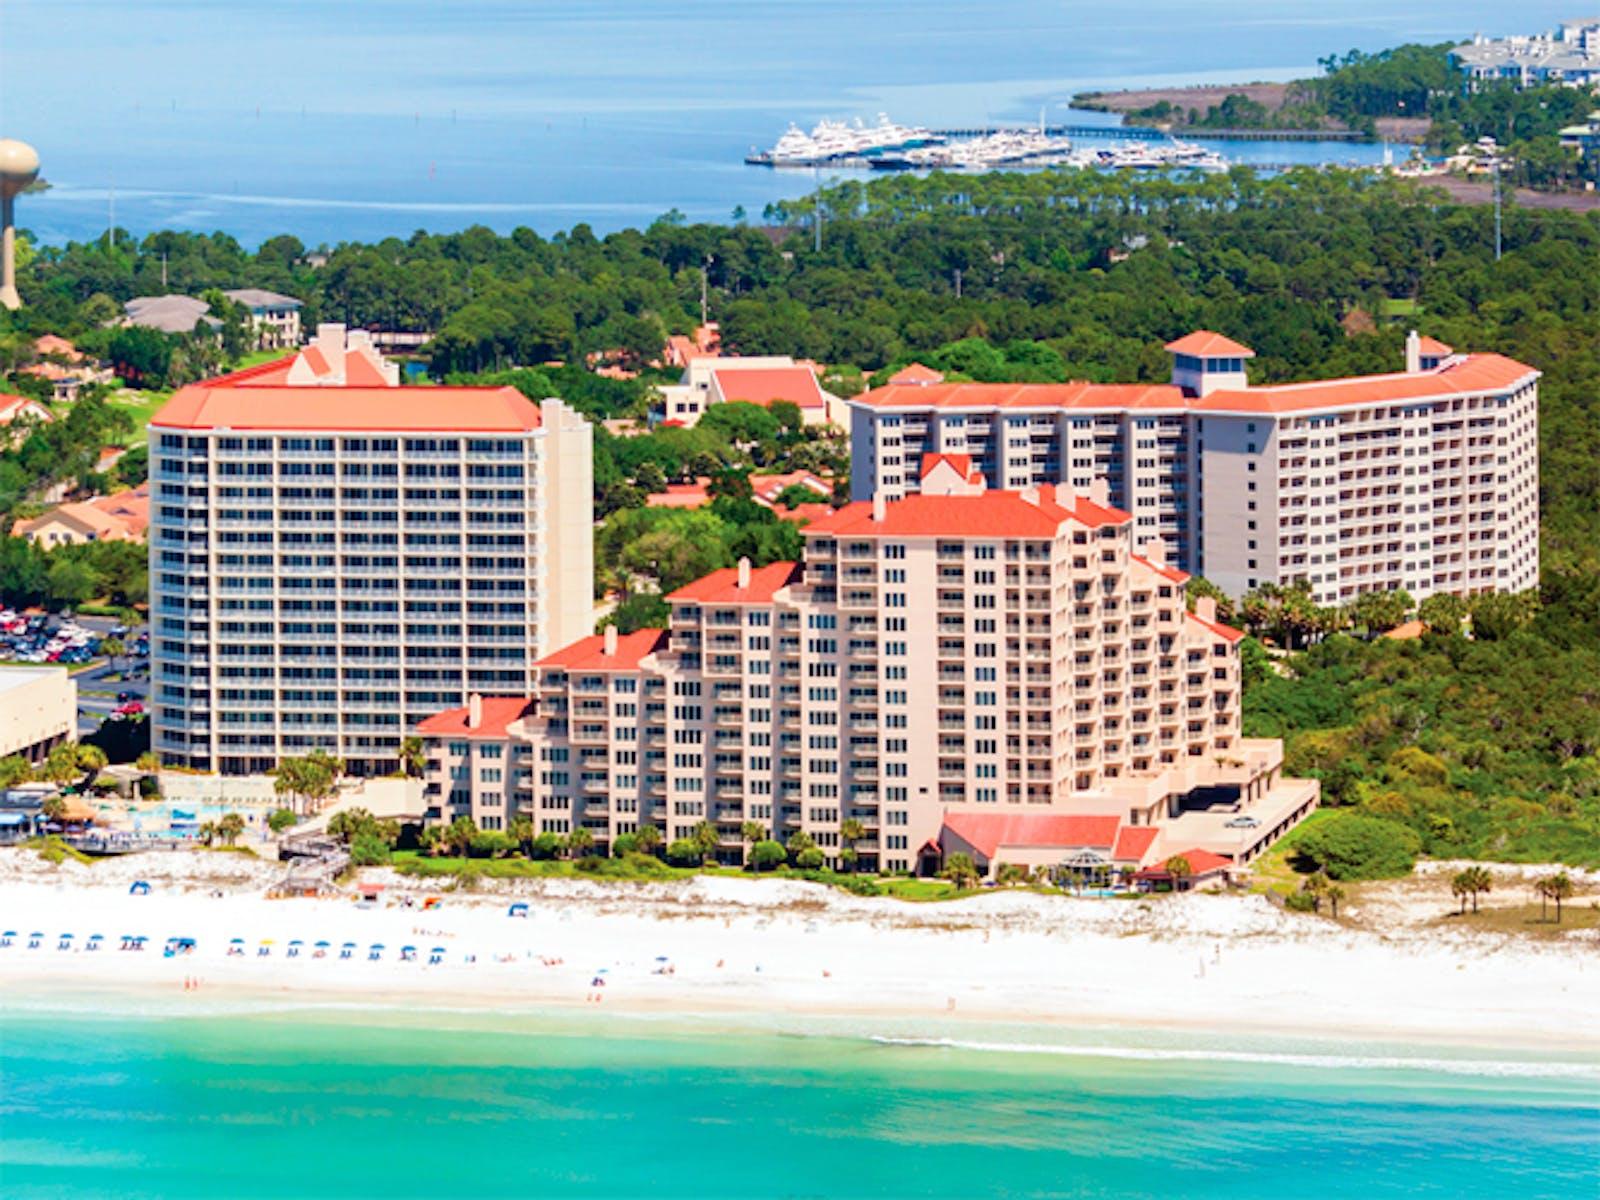 TOPS'L Beach & Racquet Resort